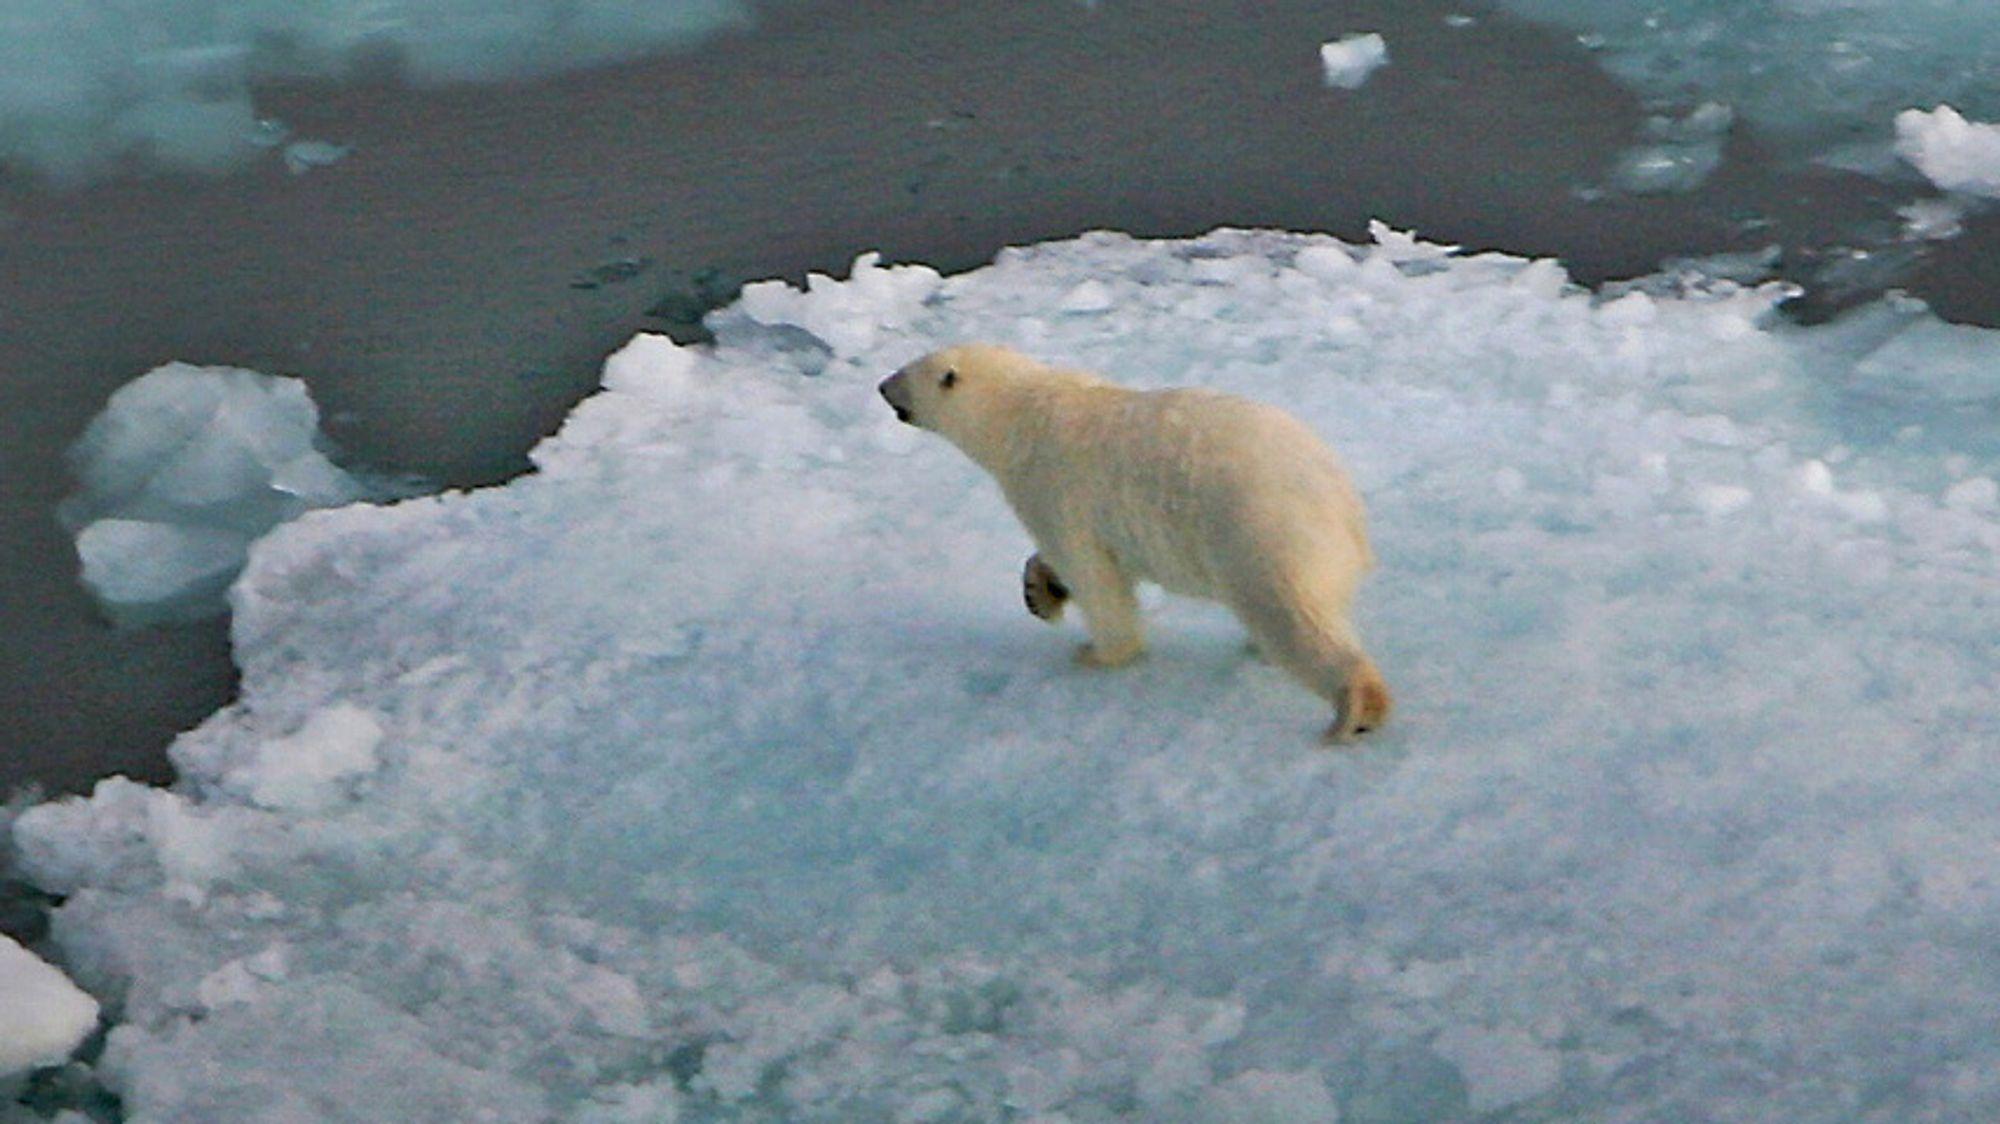 Mange har feiloppfatninger om norske nordområder, ifølge fagforeningen Industri Energi. Selv om noe kalles Arktis, er det ikke nødvendigvis isbjørner og isfjell i området. Her er en isbjørn på et isflak på Svalbard.